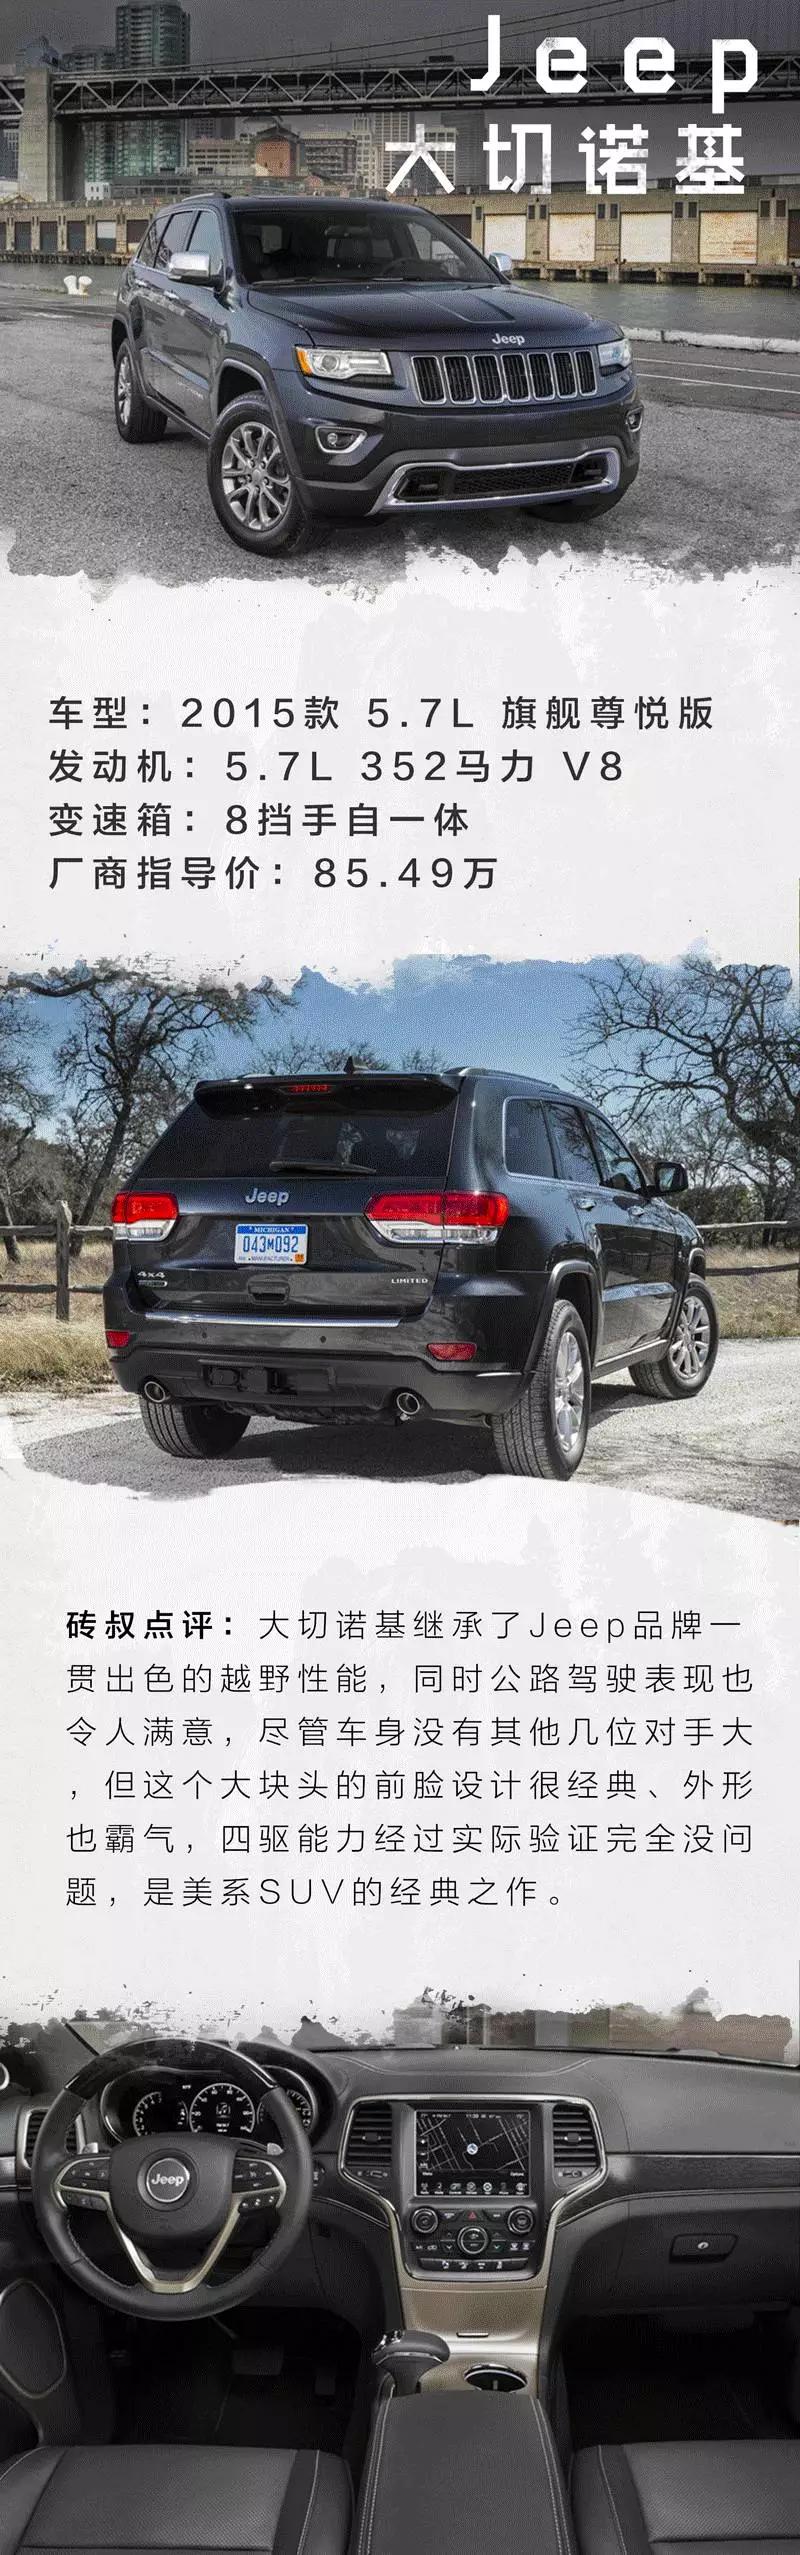 一个缸10万!盘点那些最便宜的8缸SUV